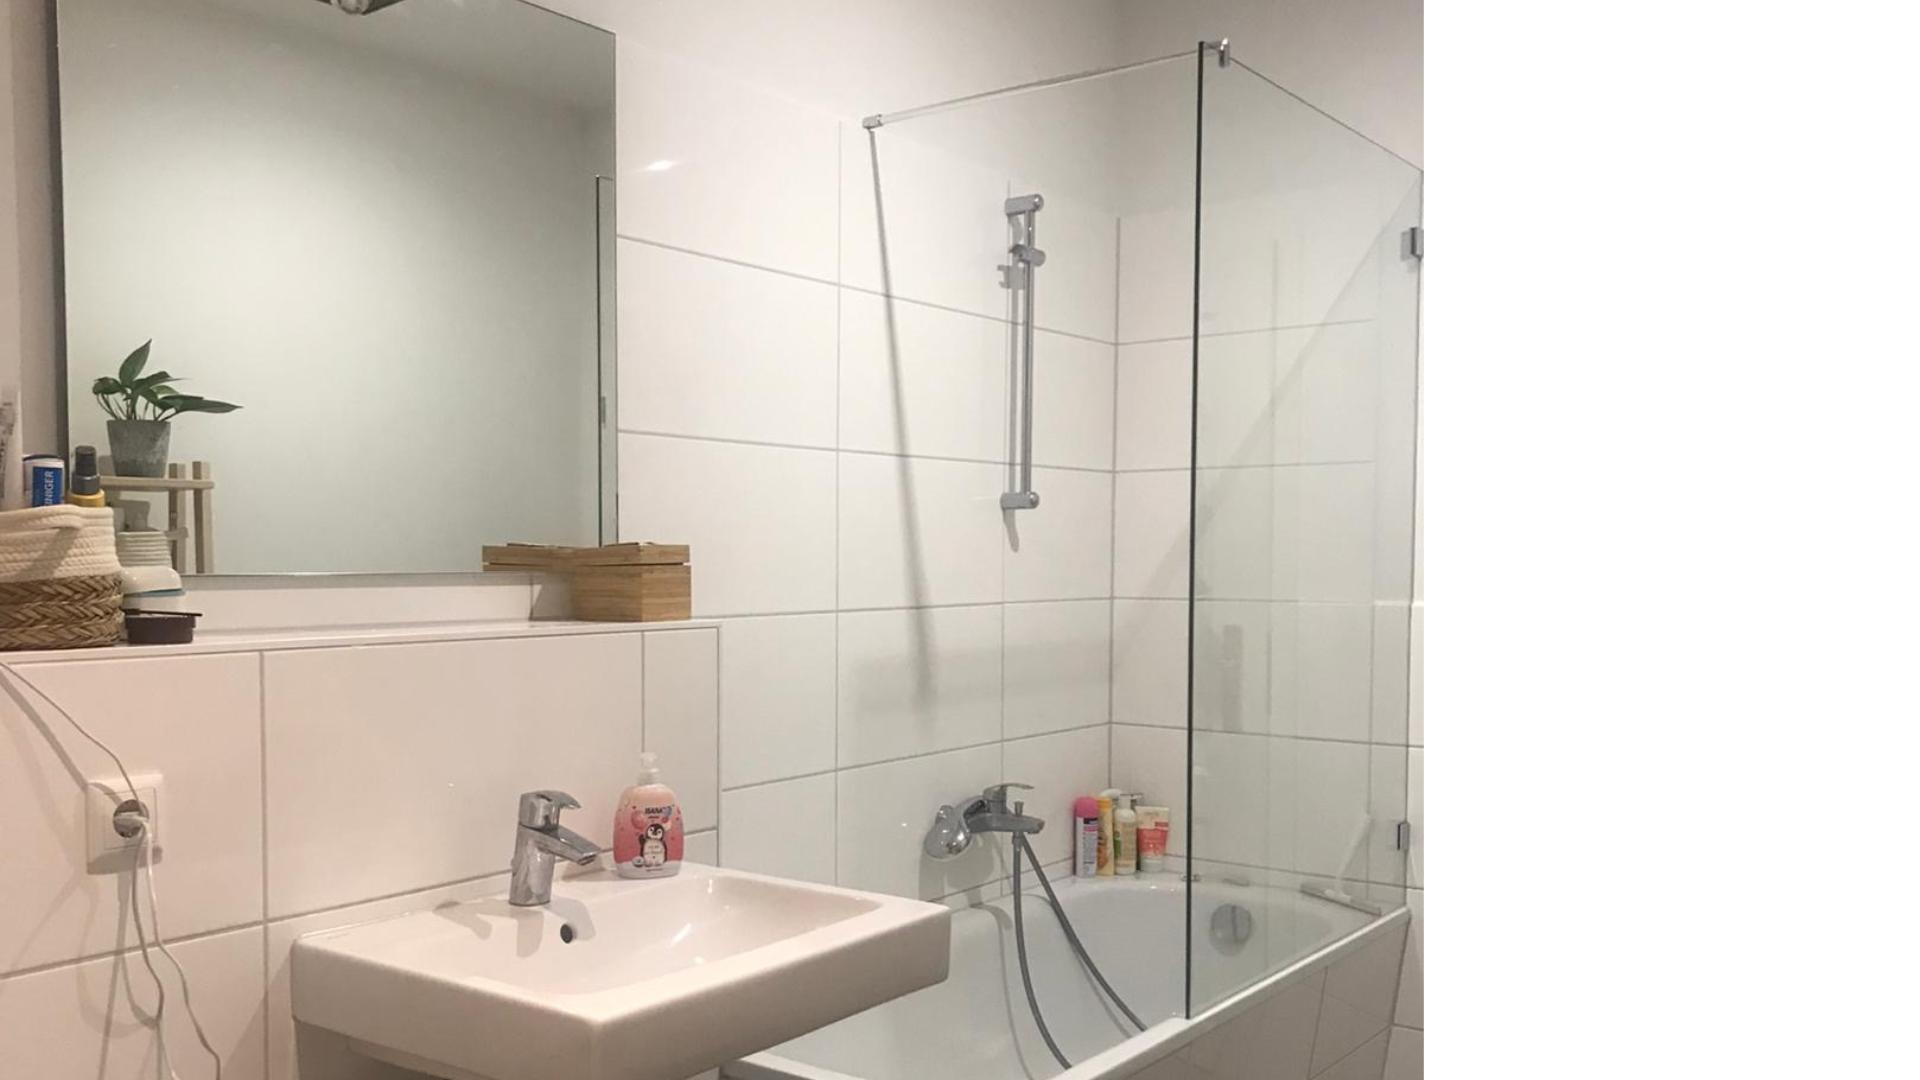 Duschwanne mit Glastrennwand neben einem Waschbecken